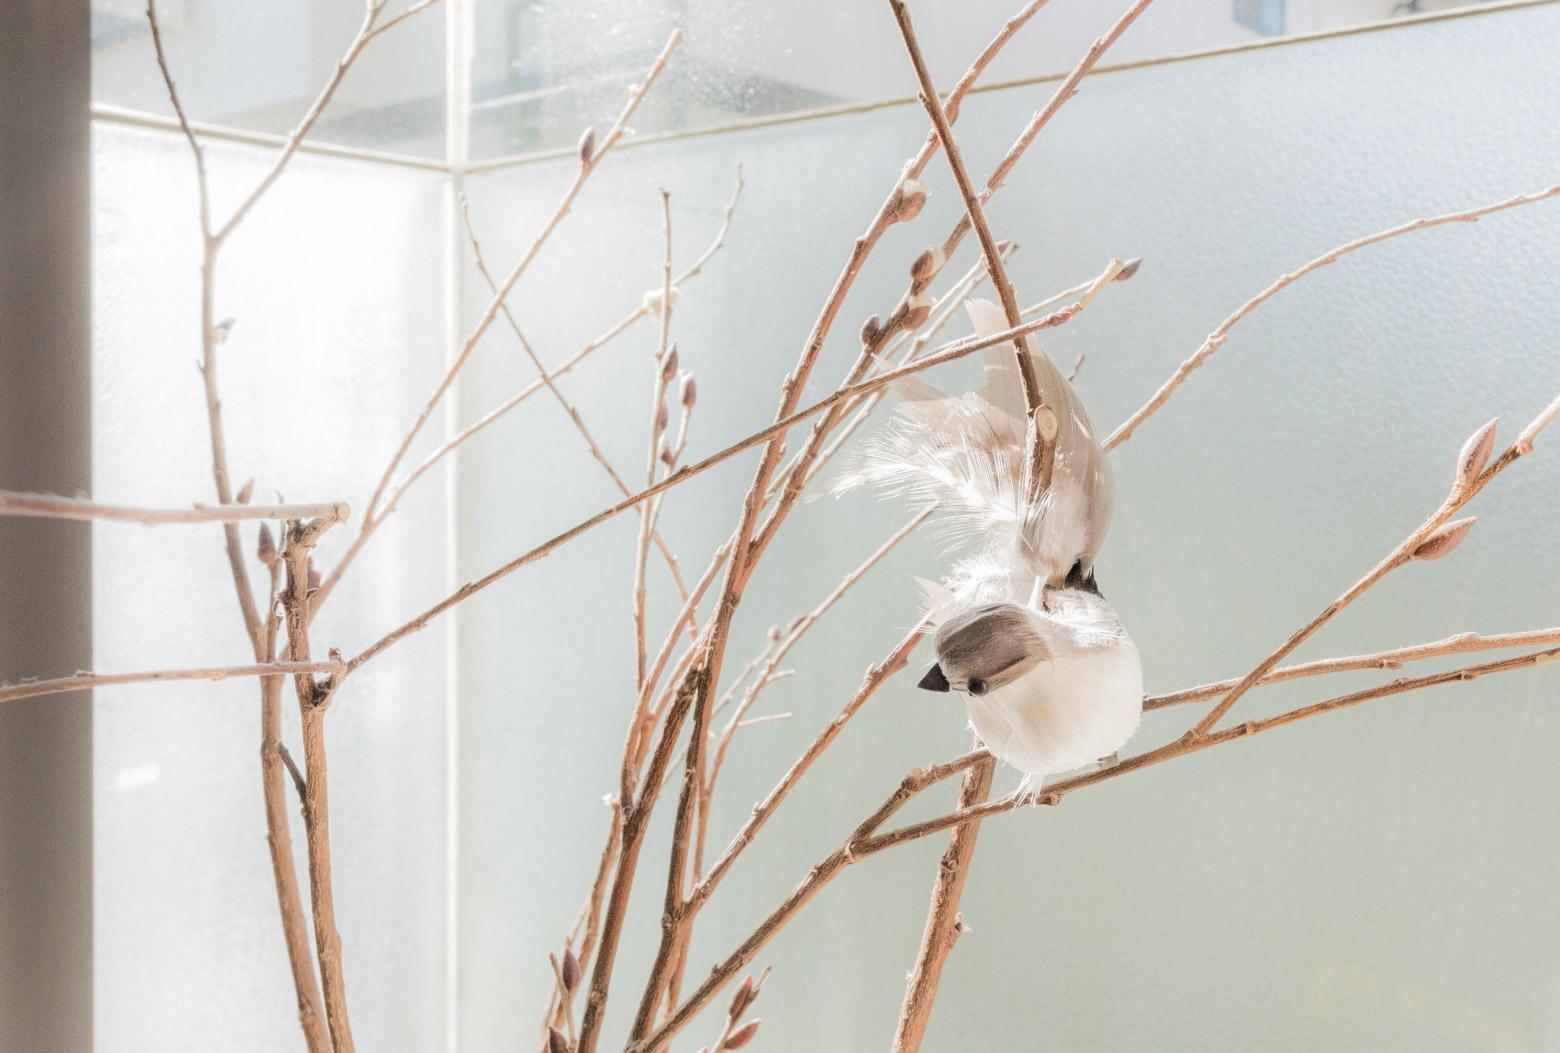 小鳥が好きだというだんなさん。冷蔵庫の上や出窓などにかわいらしくいらっしゃる。「恐竜は鳥の祖先ですよ!」と恐竜の一軍昇格の後押しをしておきました。今後の林家の棚の動向に注目。